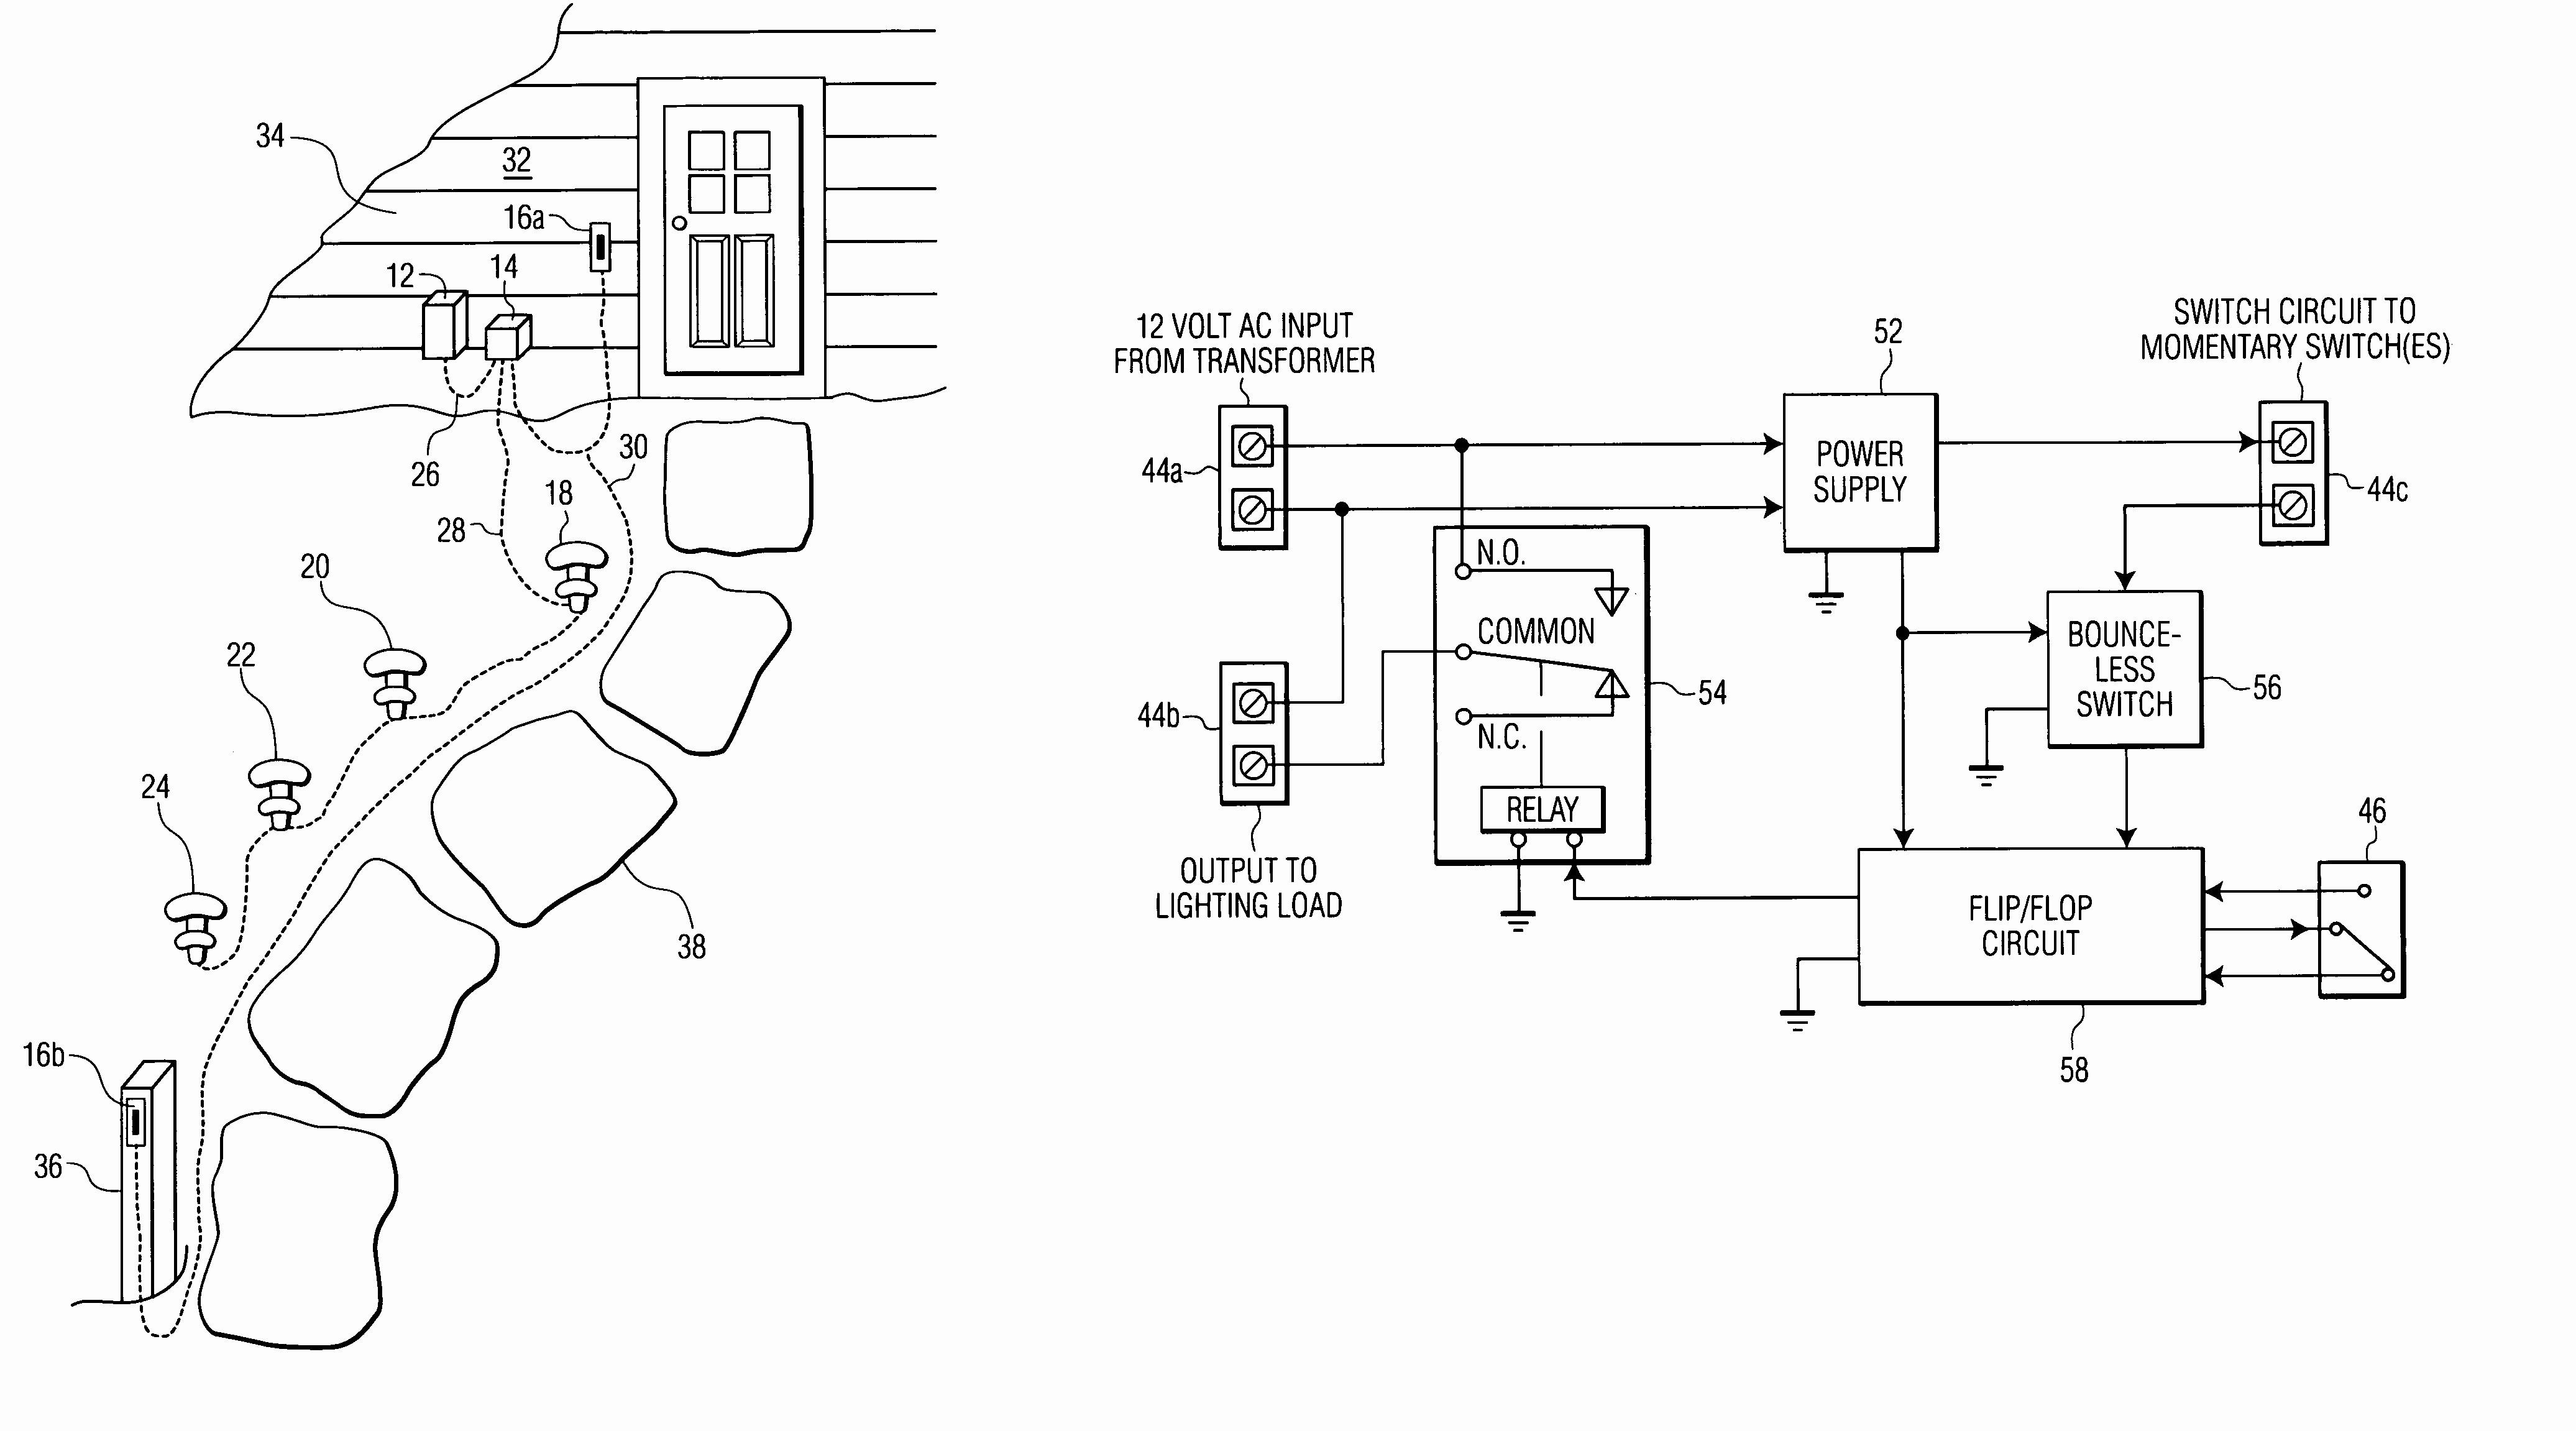 outdoor low voltage wiring diagrams outdoor circuit diagrams